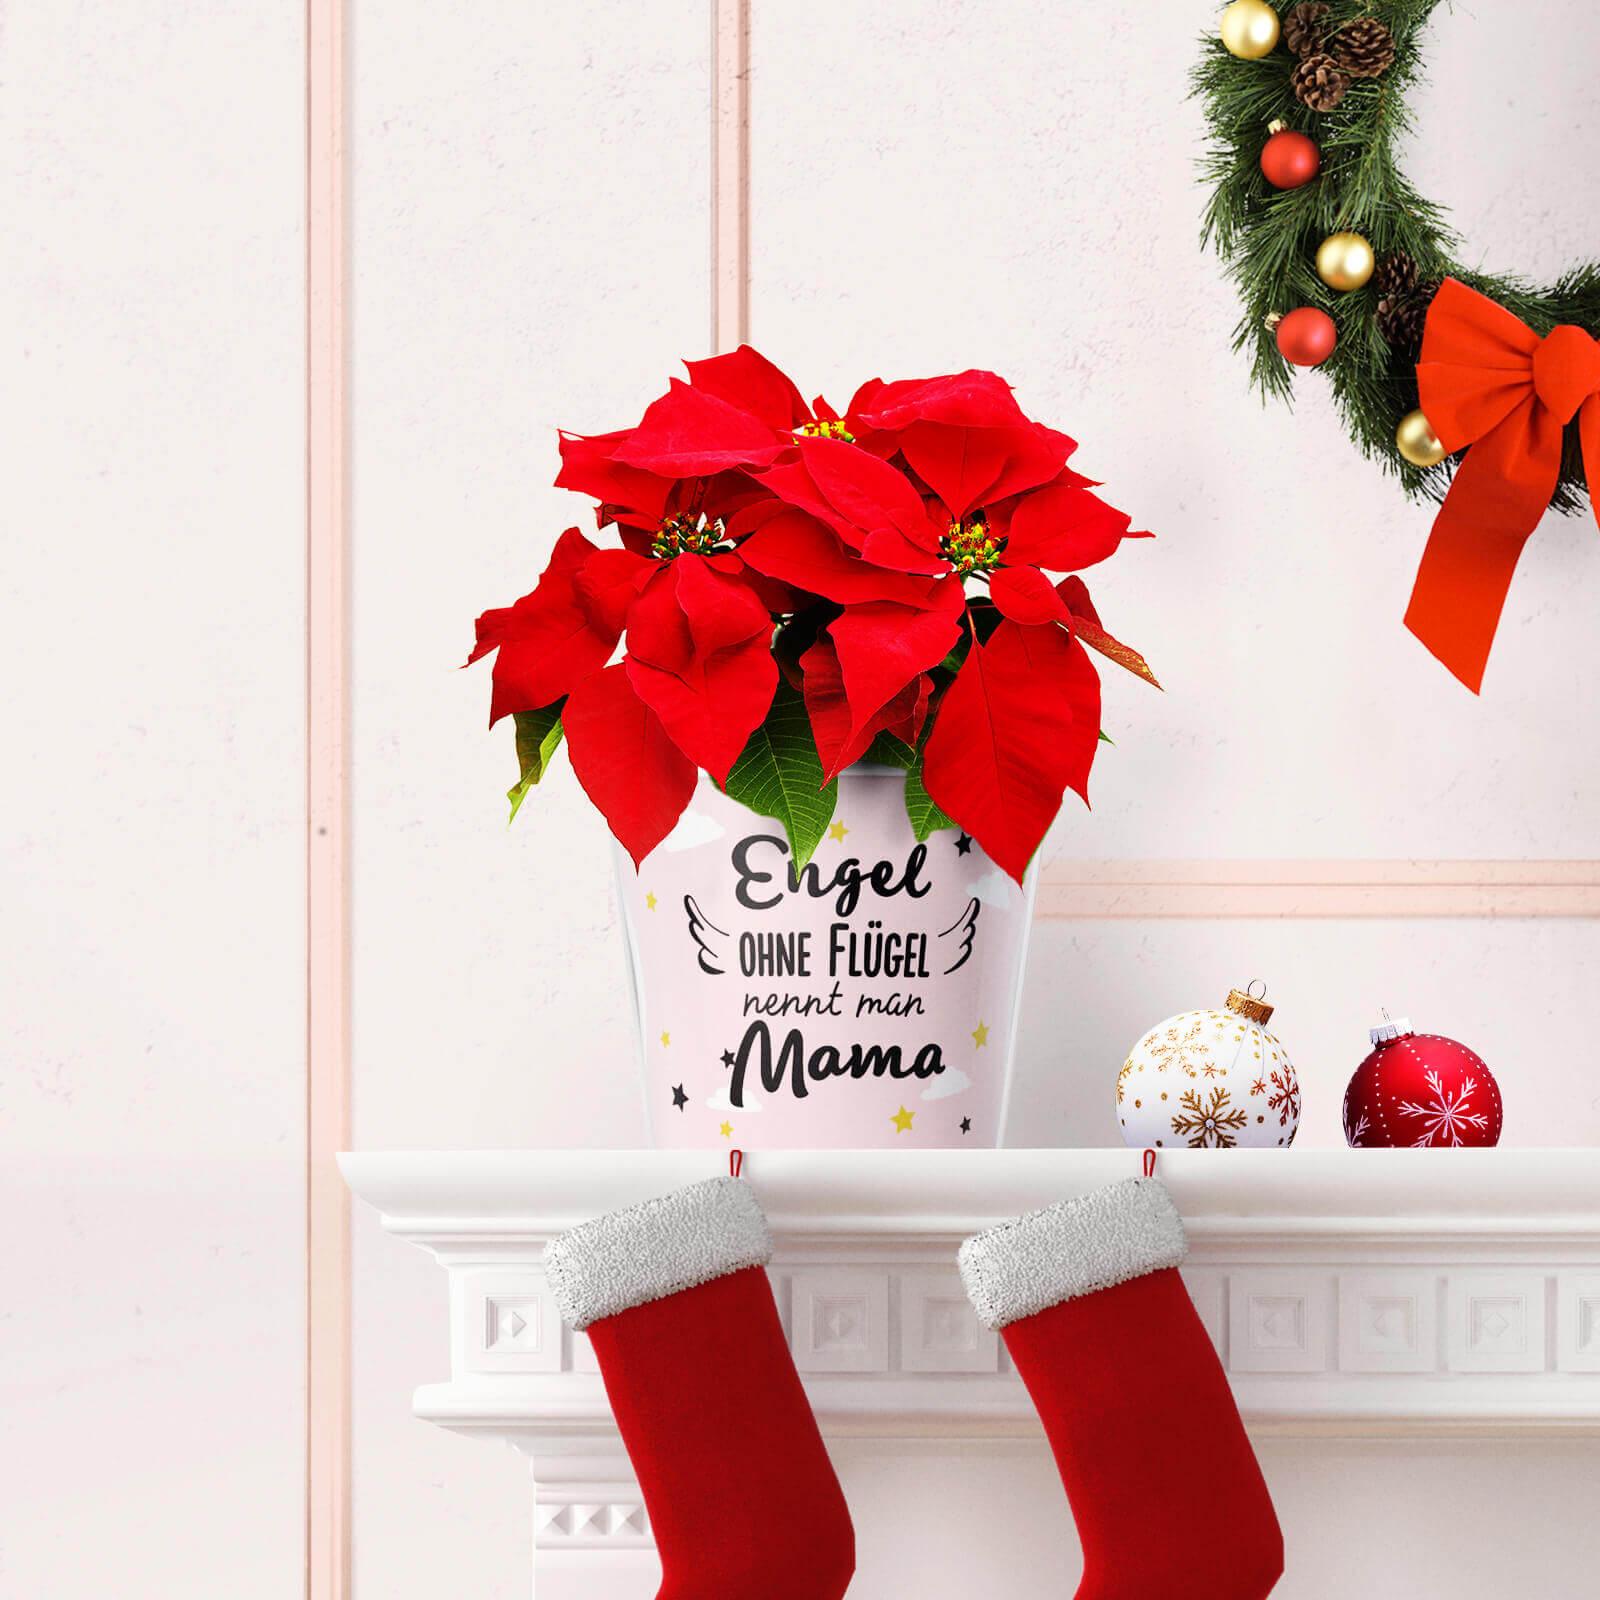 Weihnachtsgeschenke Keine Idee.Geschenke Für Mama 8 Coole Ideen Zu Weihnachten Myfacepot